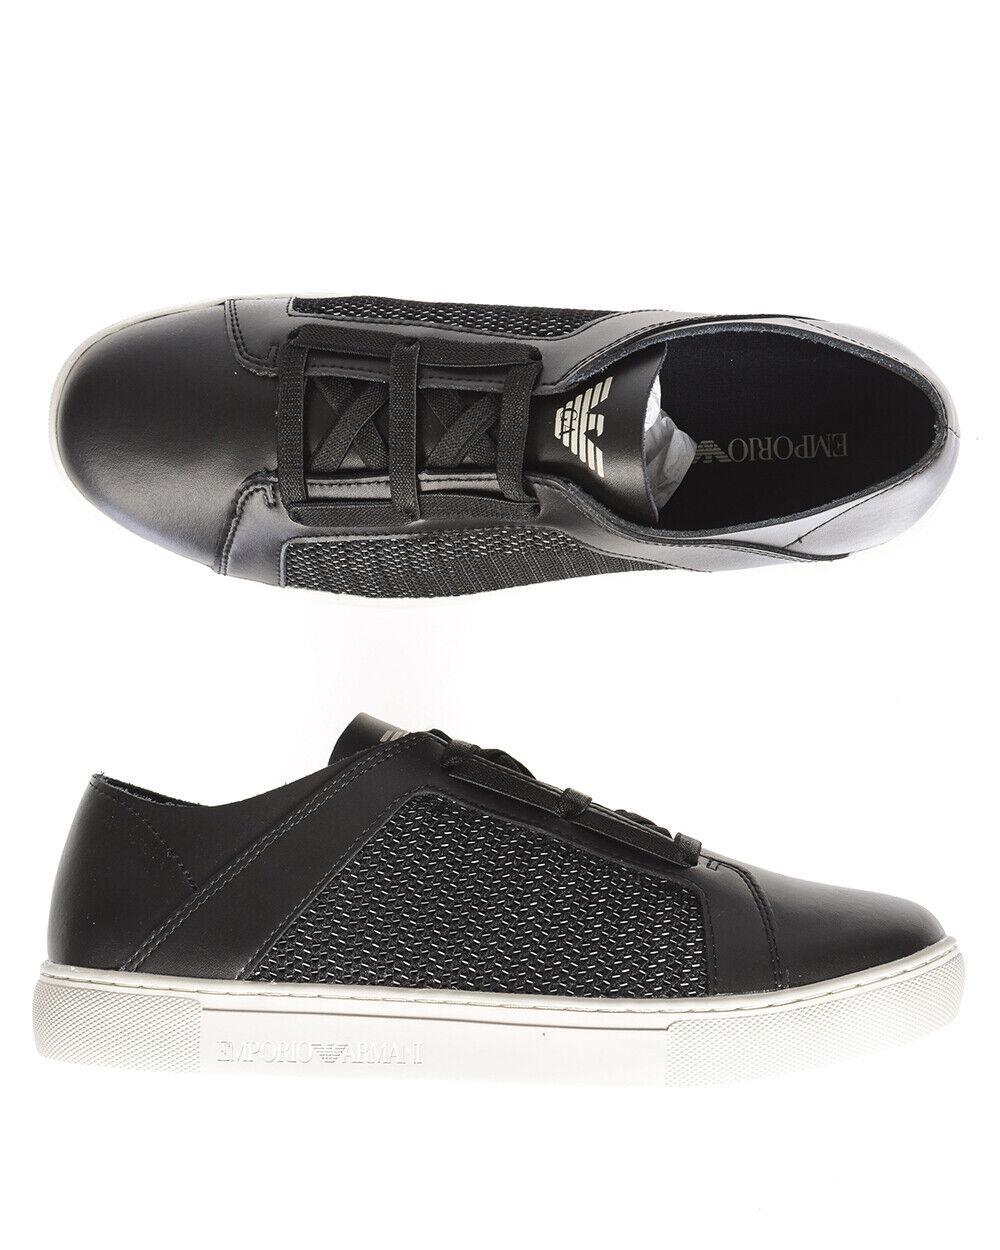 Emporio Armani scarpe scarpe da ginnastica Leather Man nero X4C472XL205 A013 Sz.43 MAKE OFFER